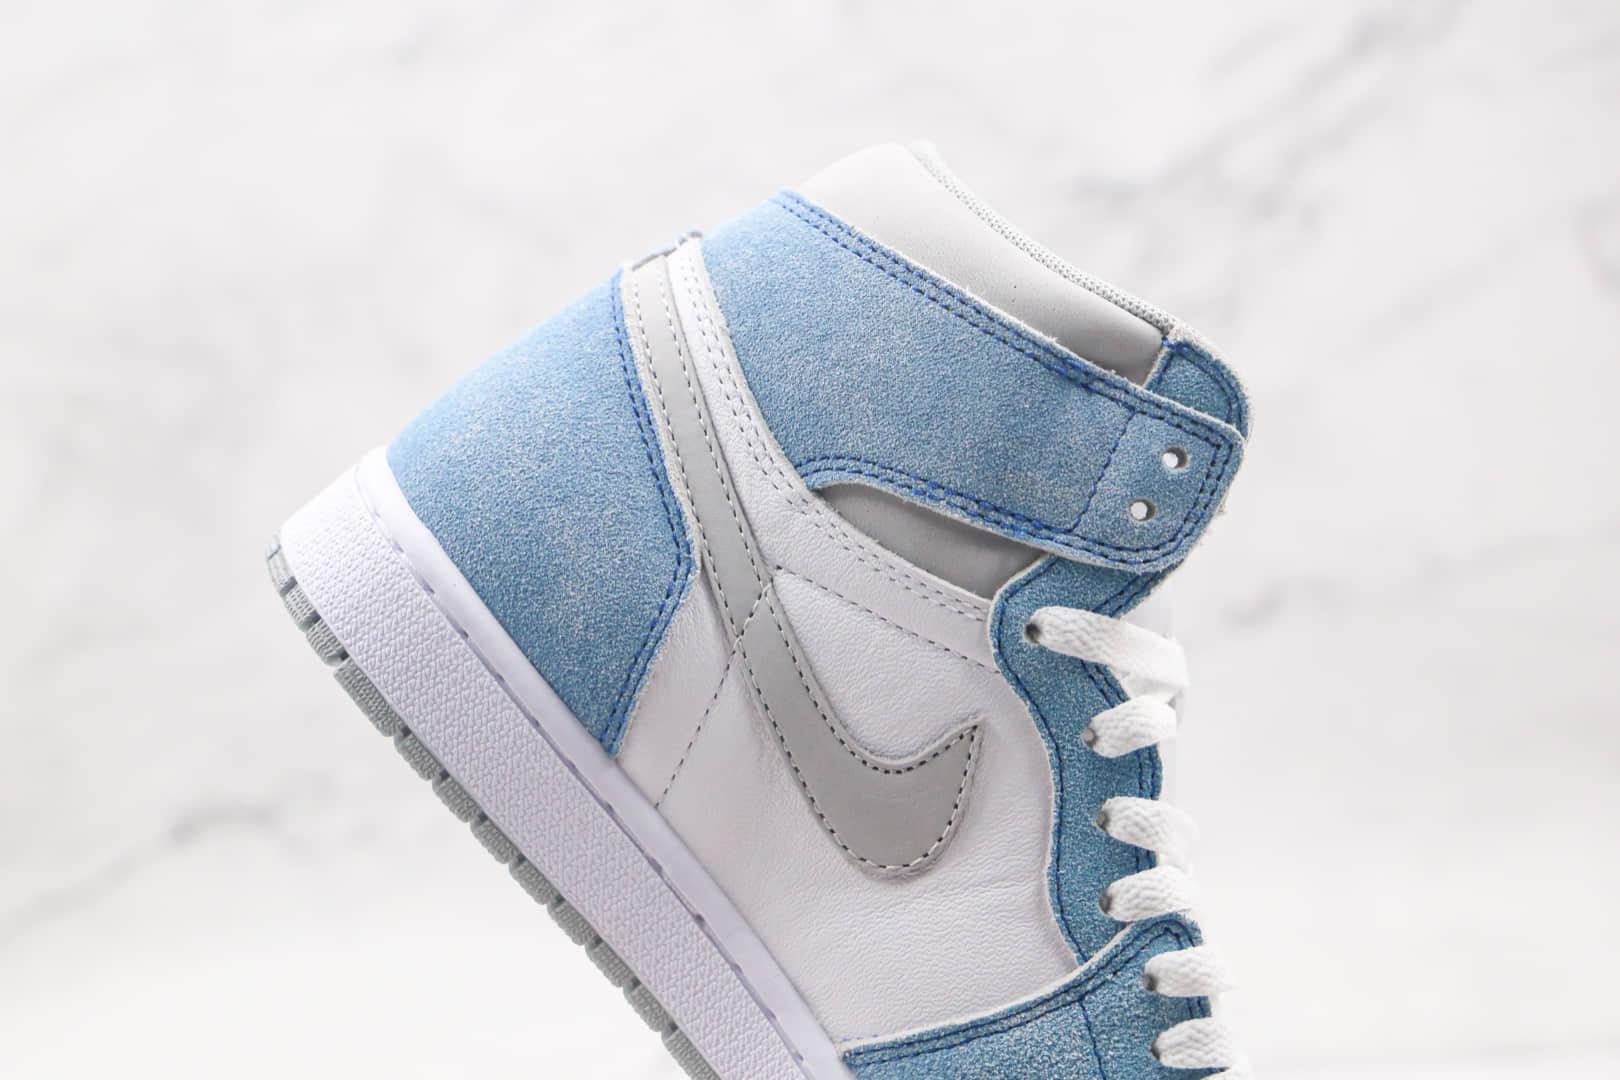 乔丹Air Jordan 1 Hyper Royal纯原版本高帮AJ1麂皮白蓝色篮球鞋正确后跟定型原盒原标 货号:555088-402